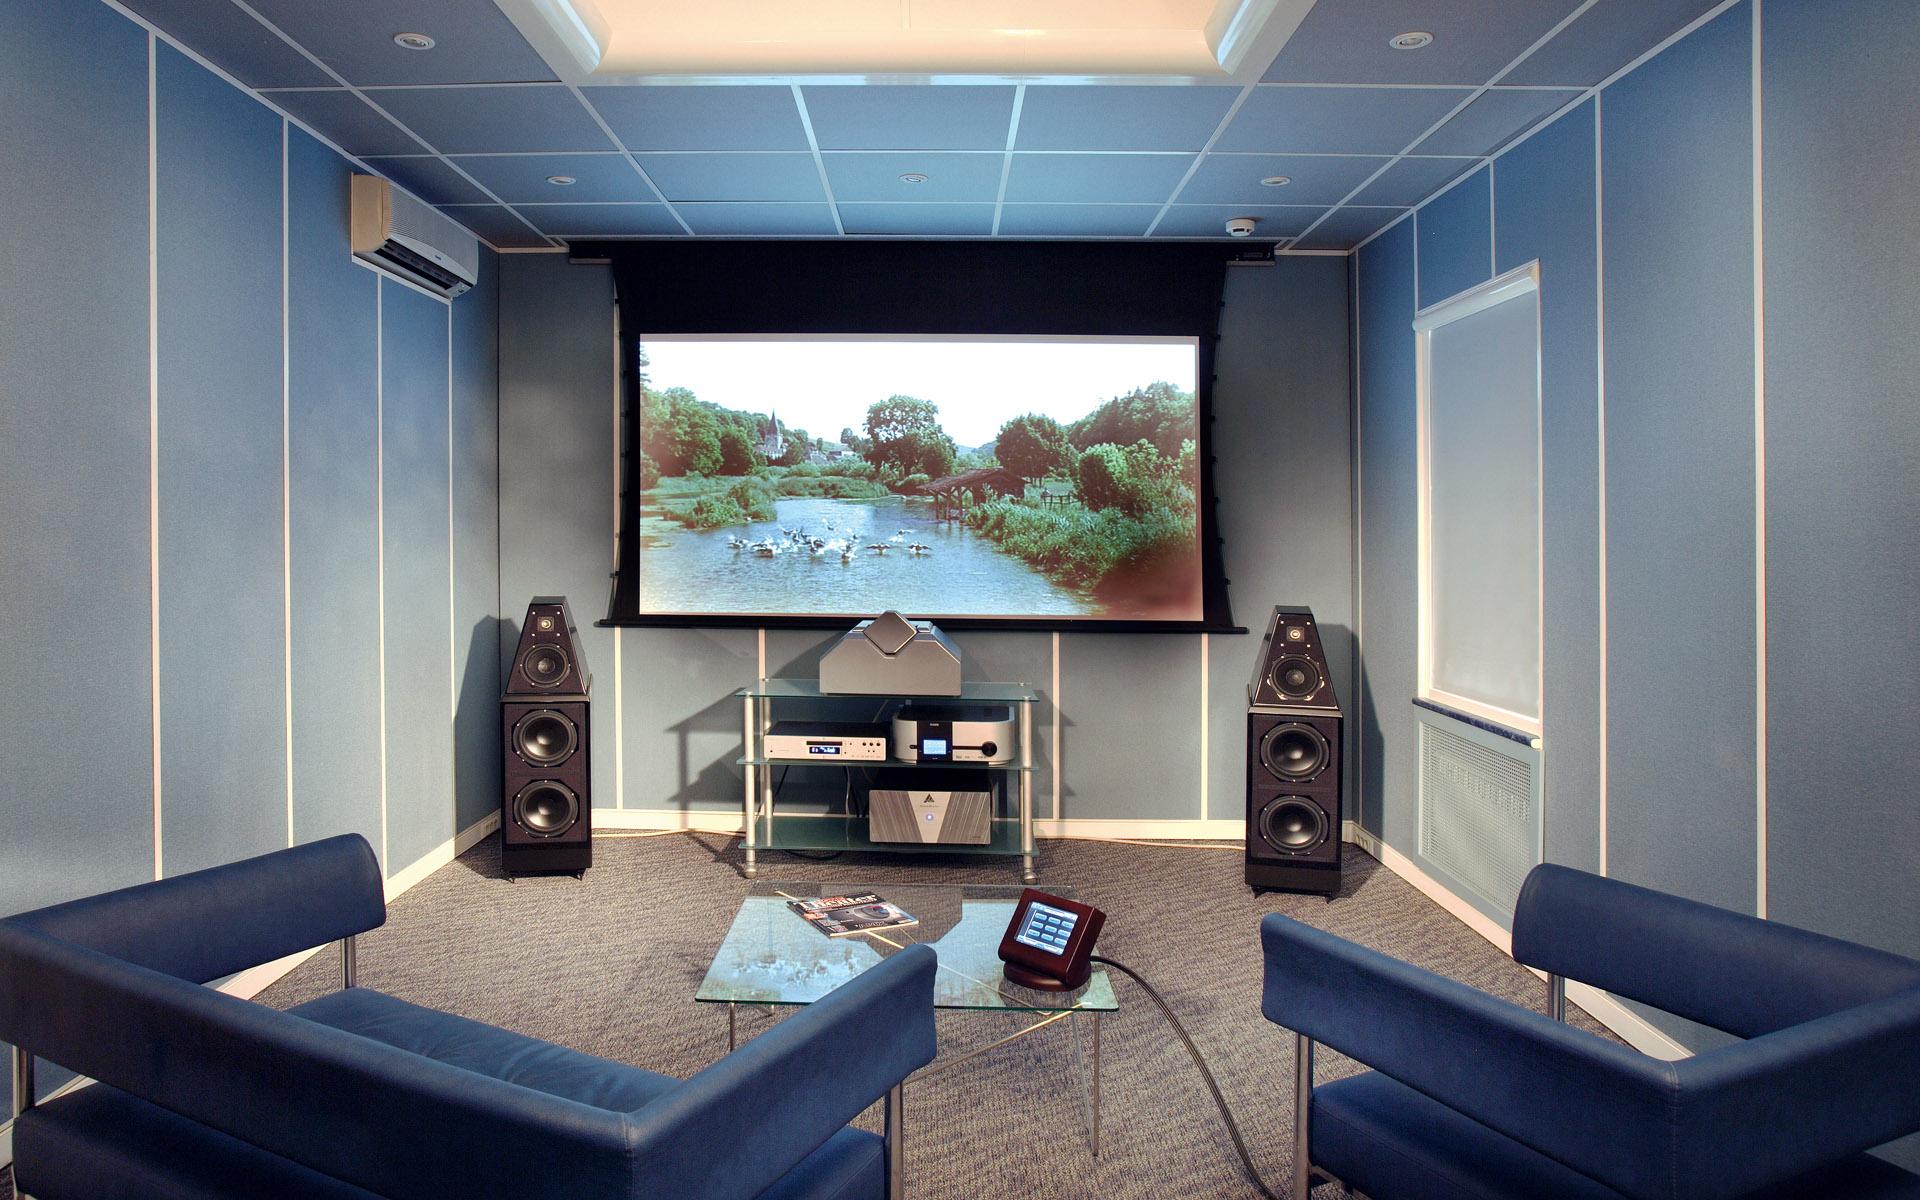 家庭影院设备优势与问题,明星产品推荐